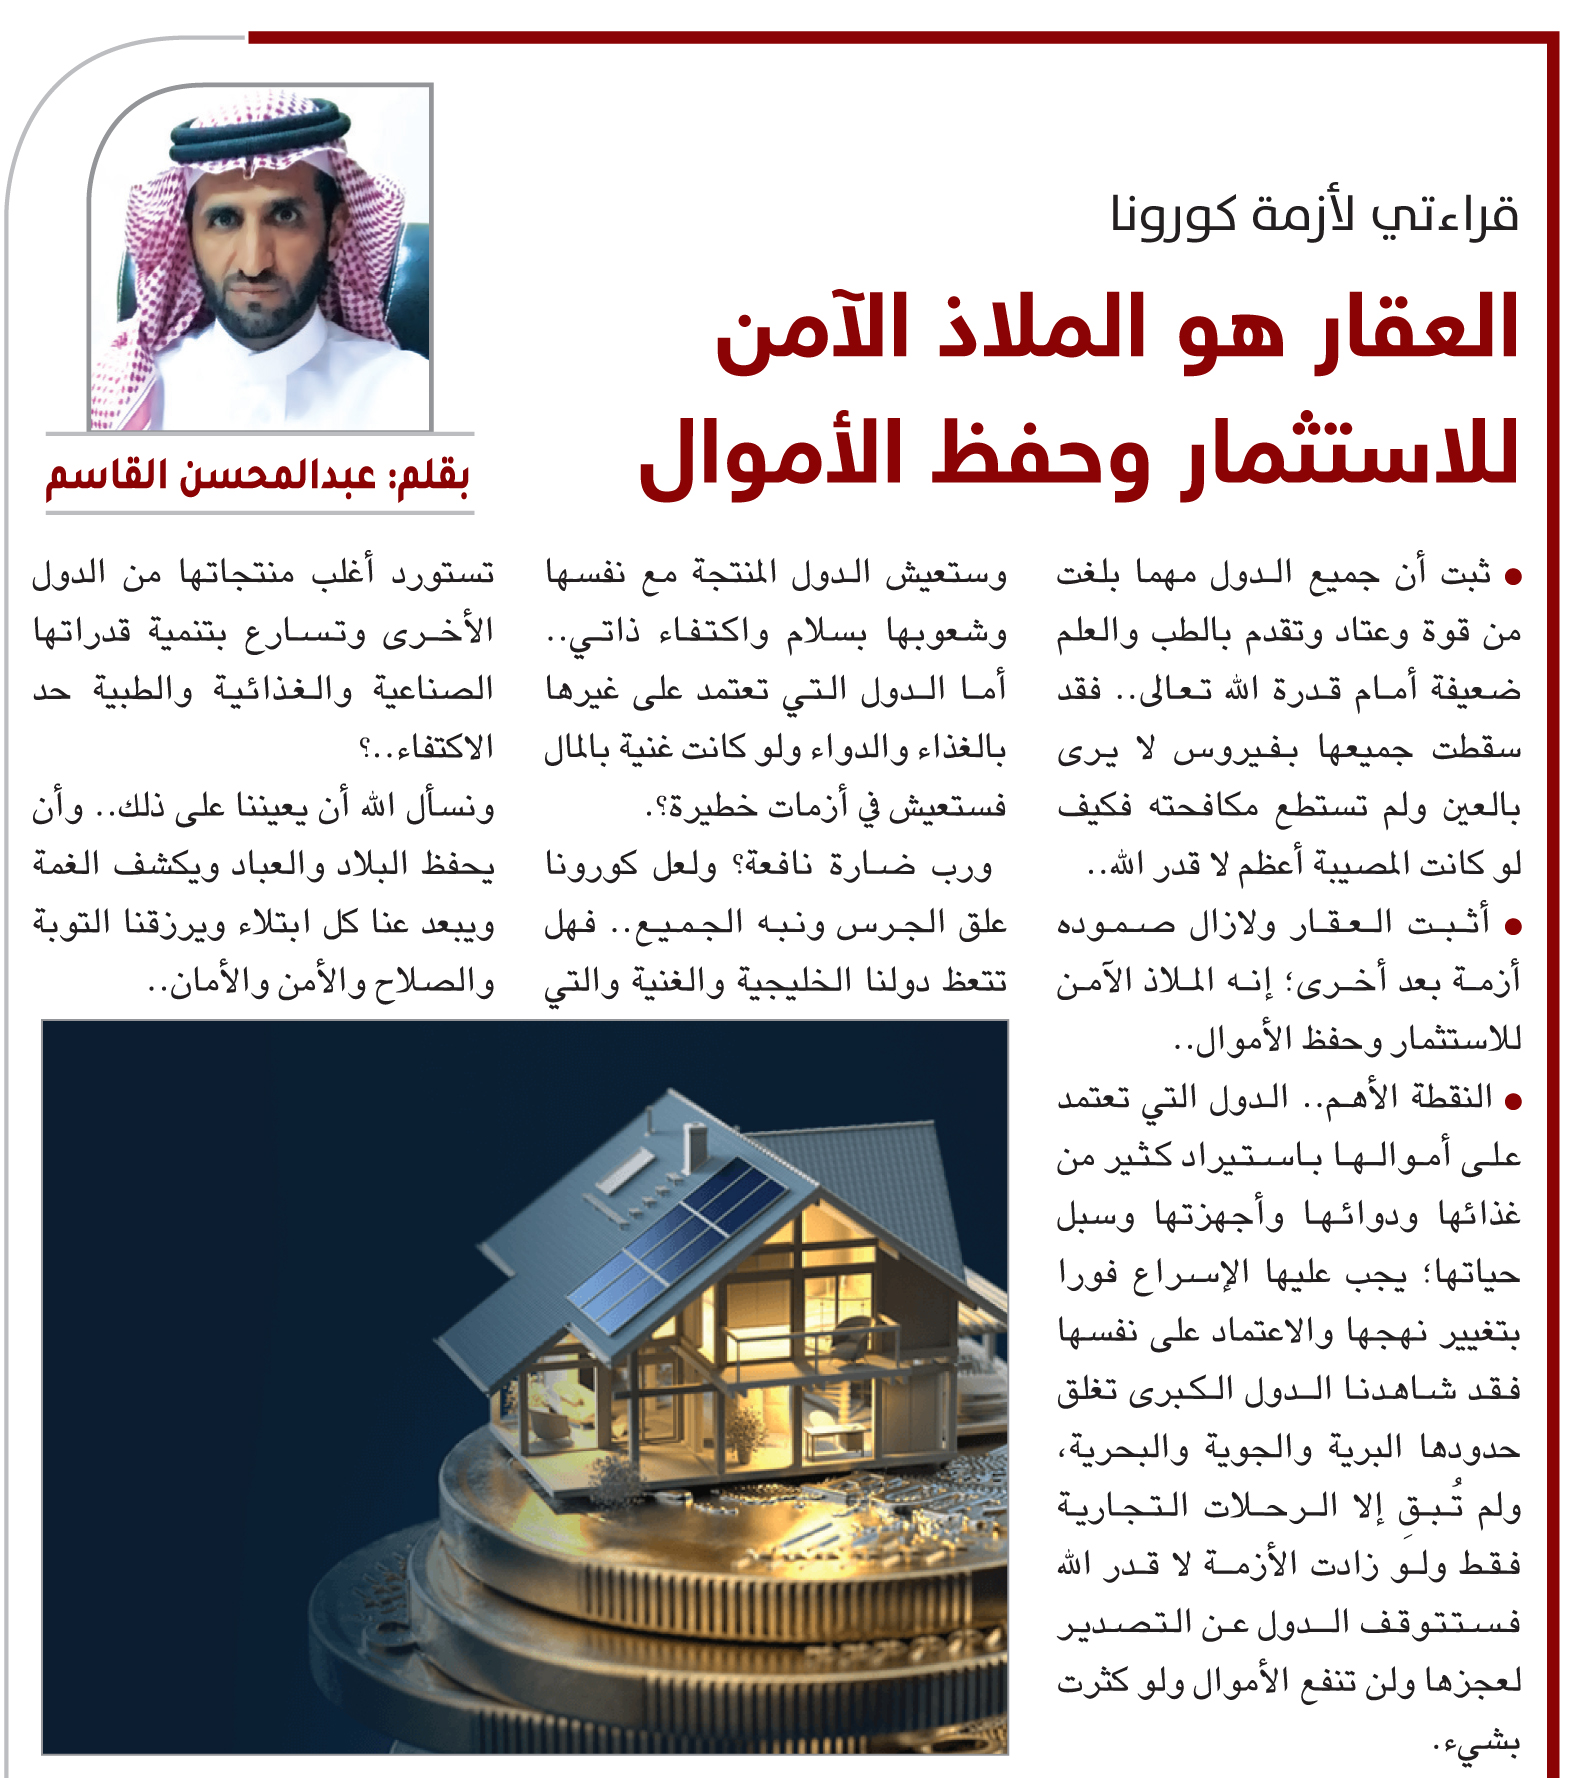 العقار - عبد المحسن القاسم